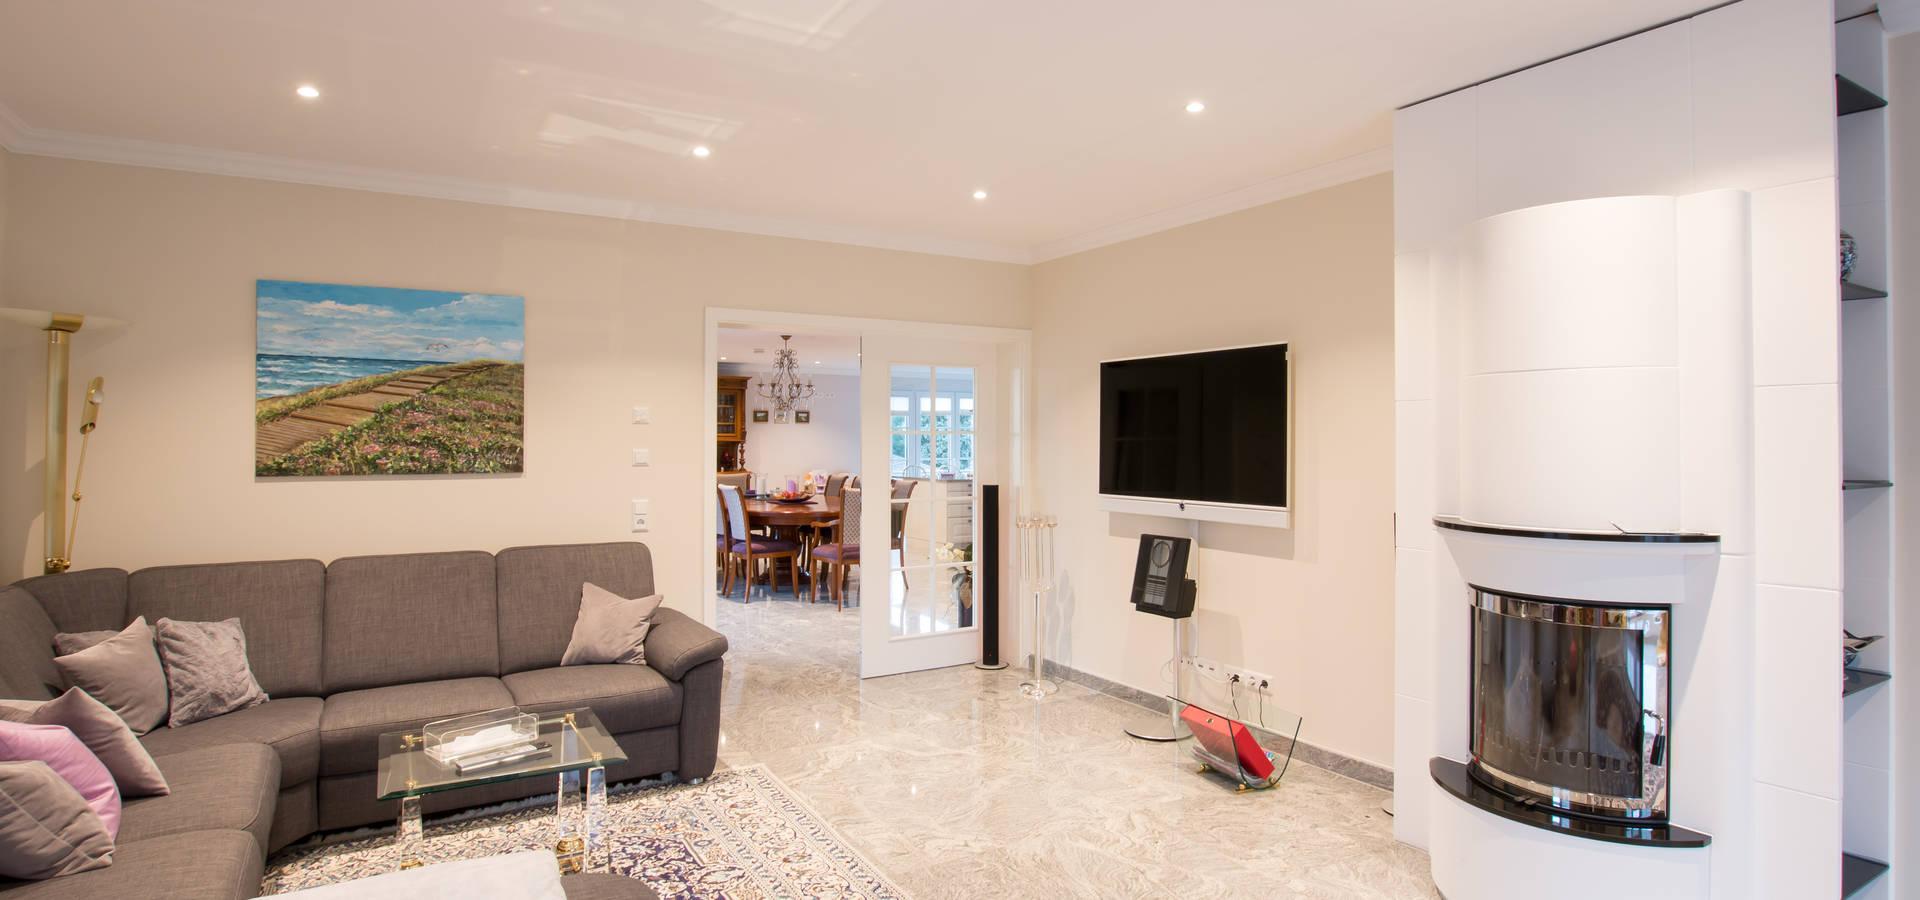 franz k hler immobilien gbr immobilienmakler in. Black Bedroom Furniture Sets. Home Design Ideas